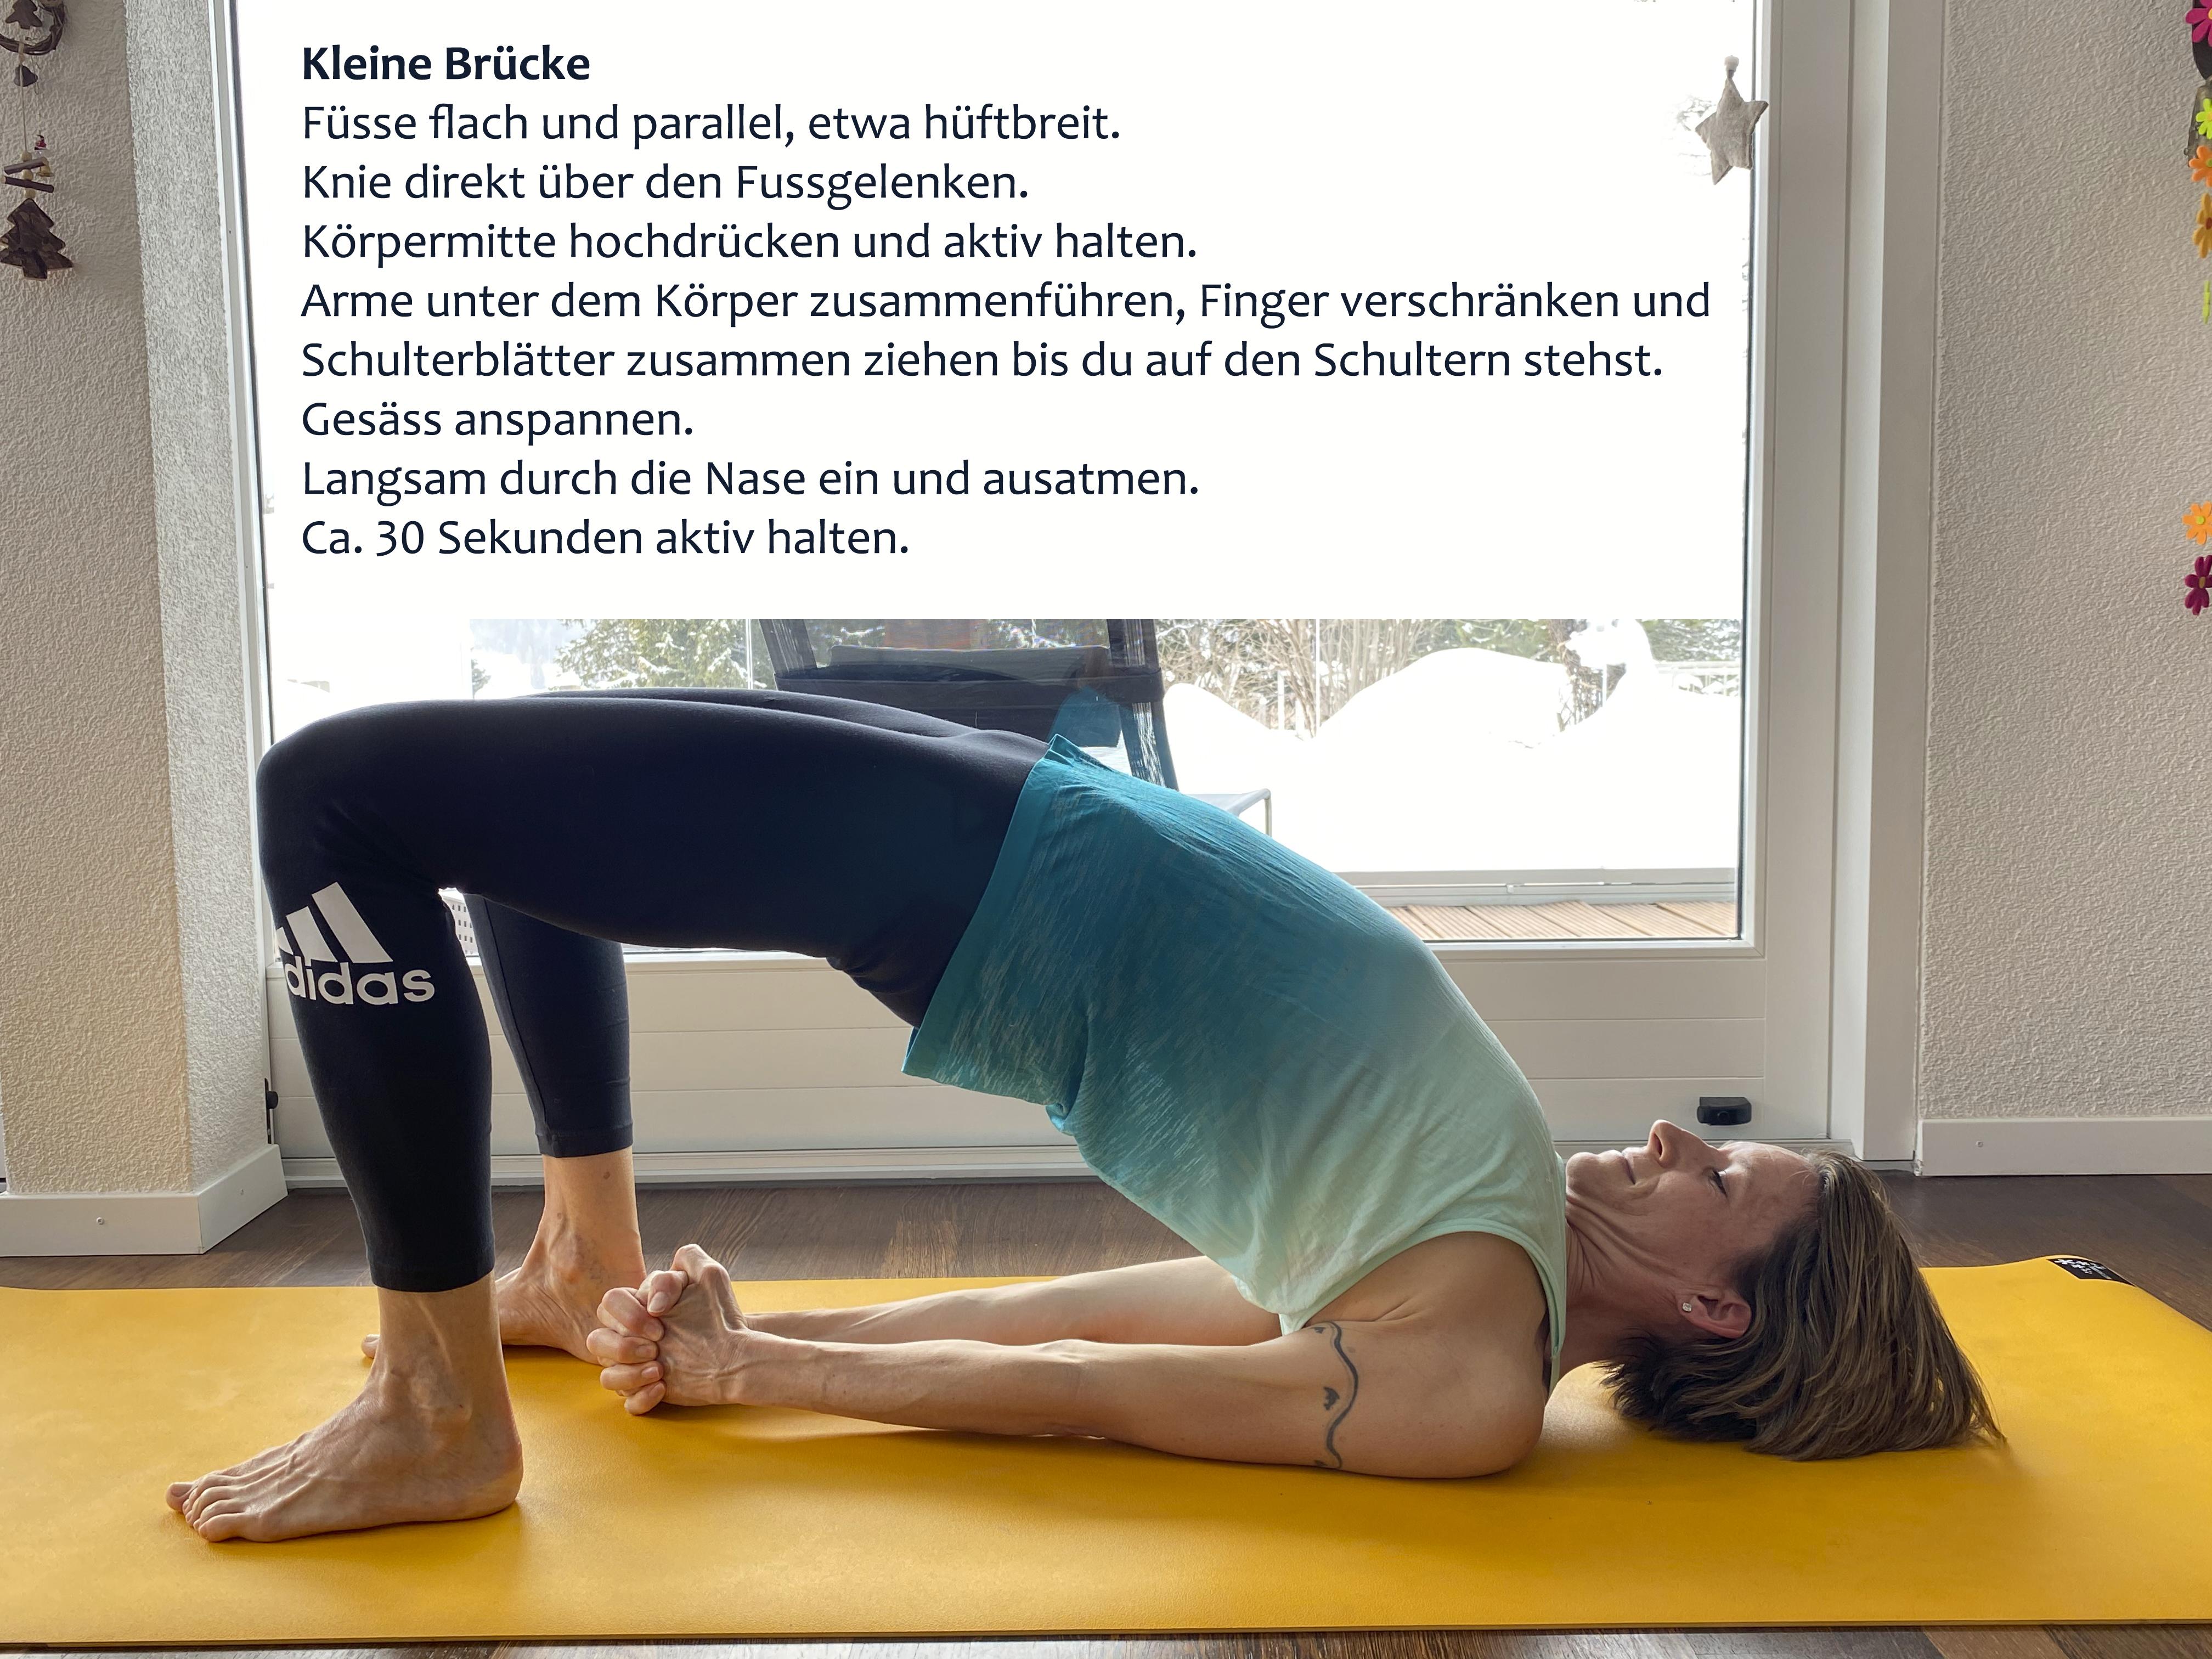 520a_KleineBrckejpg